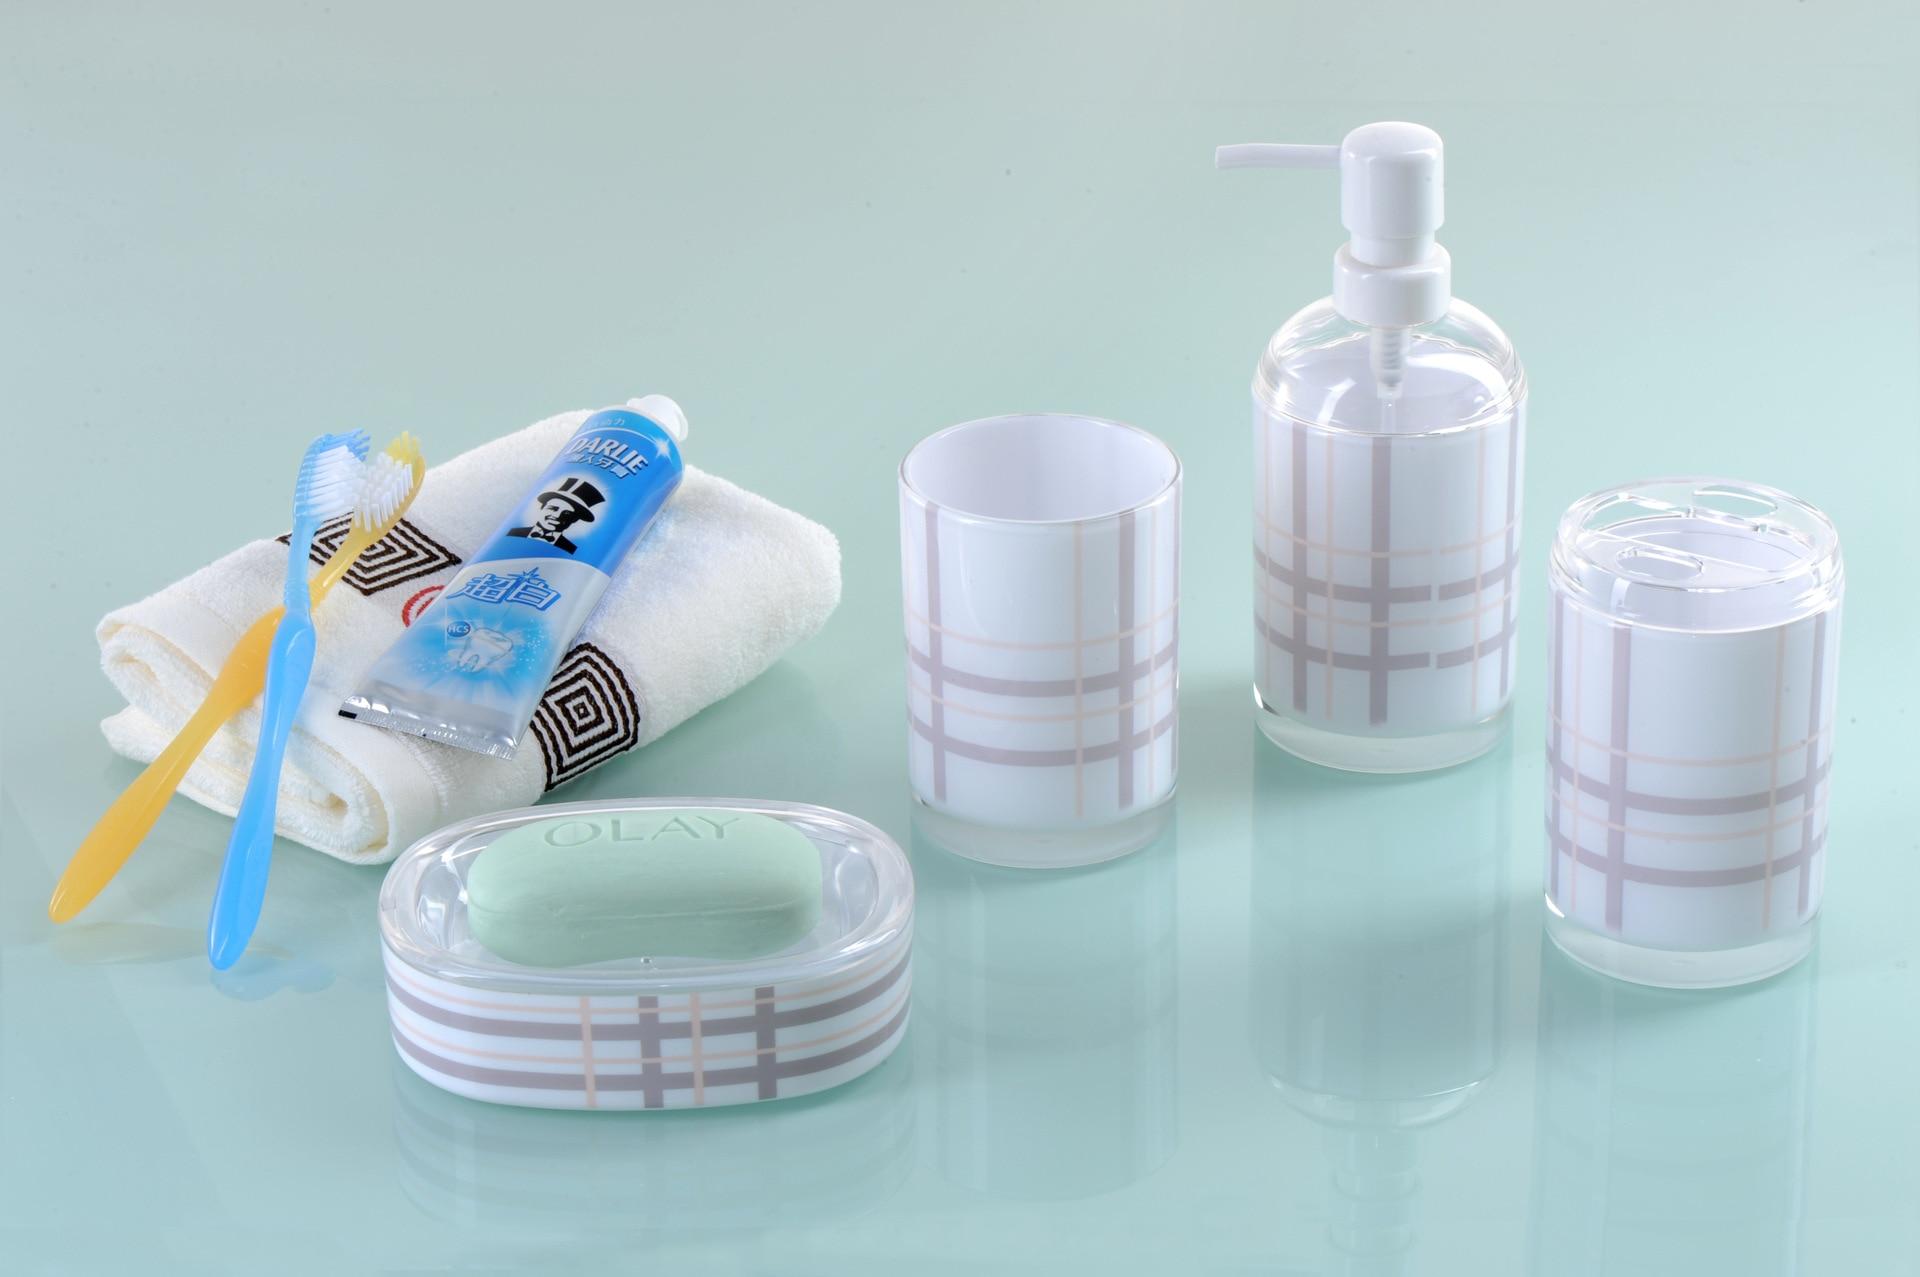 Blanc salle de bains accessoires achetez des lots petit for Accessoires de salle de bain blanc